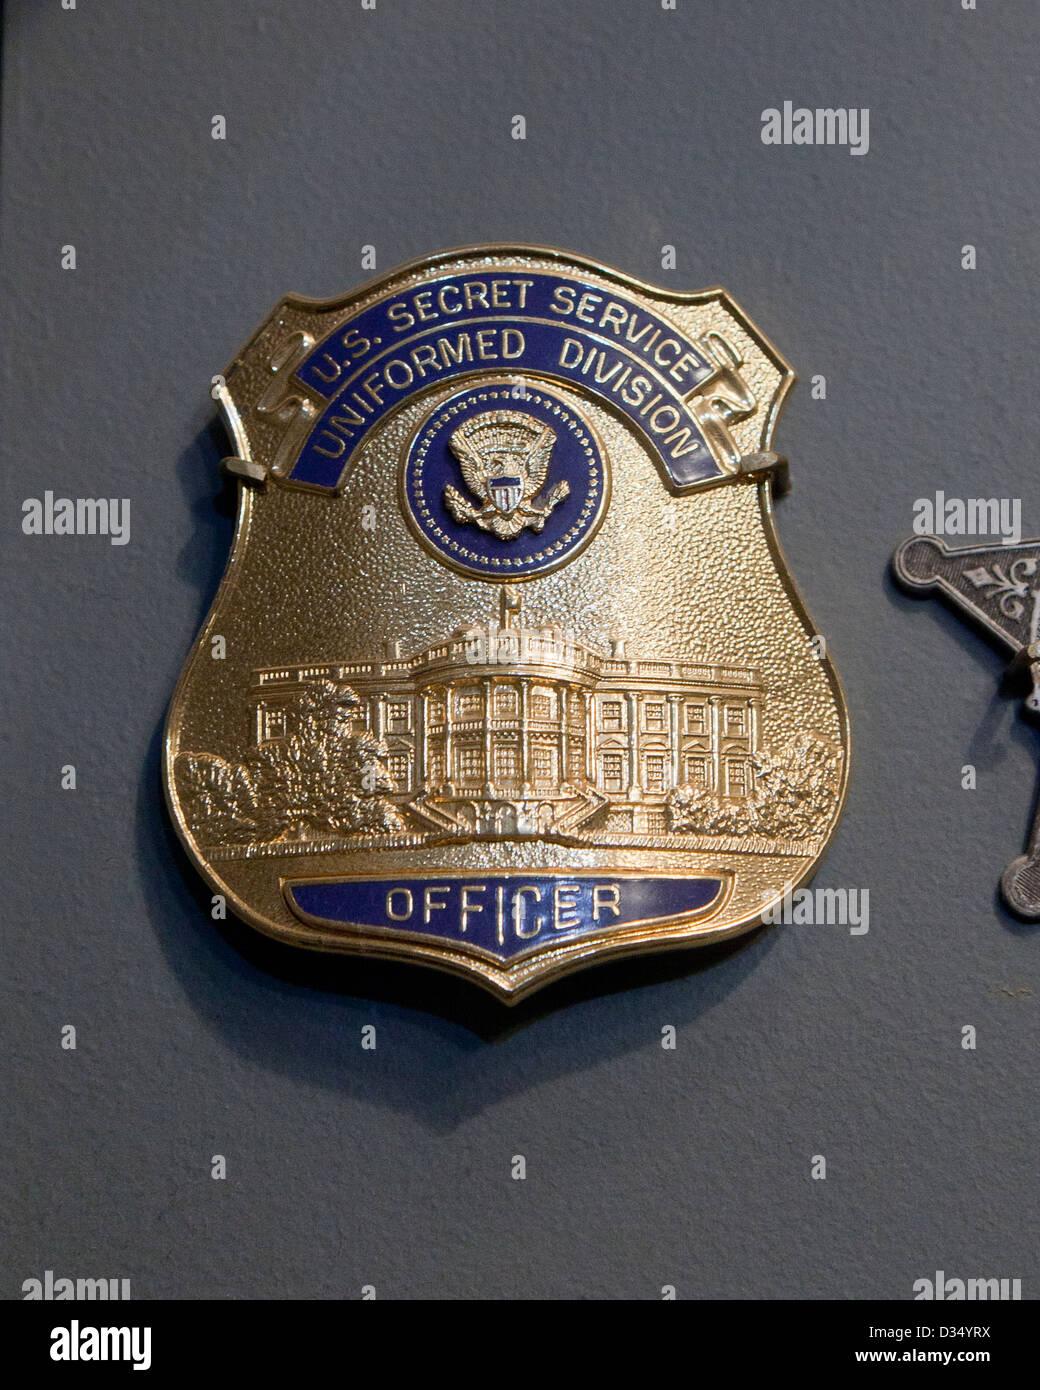 Vintage Secret Service badge - Stock Image